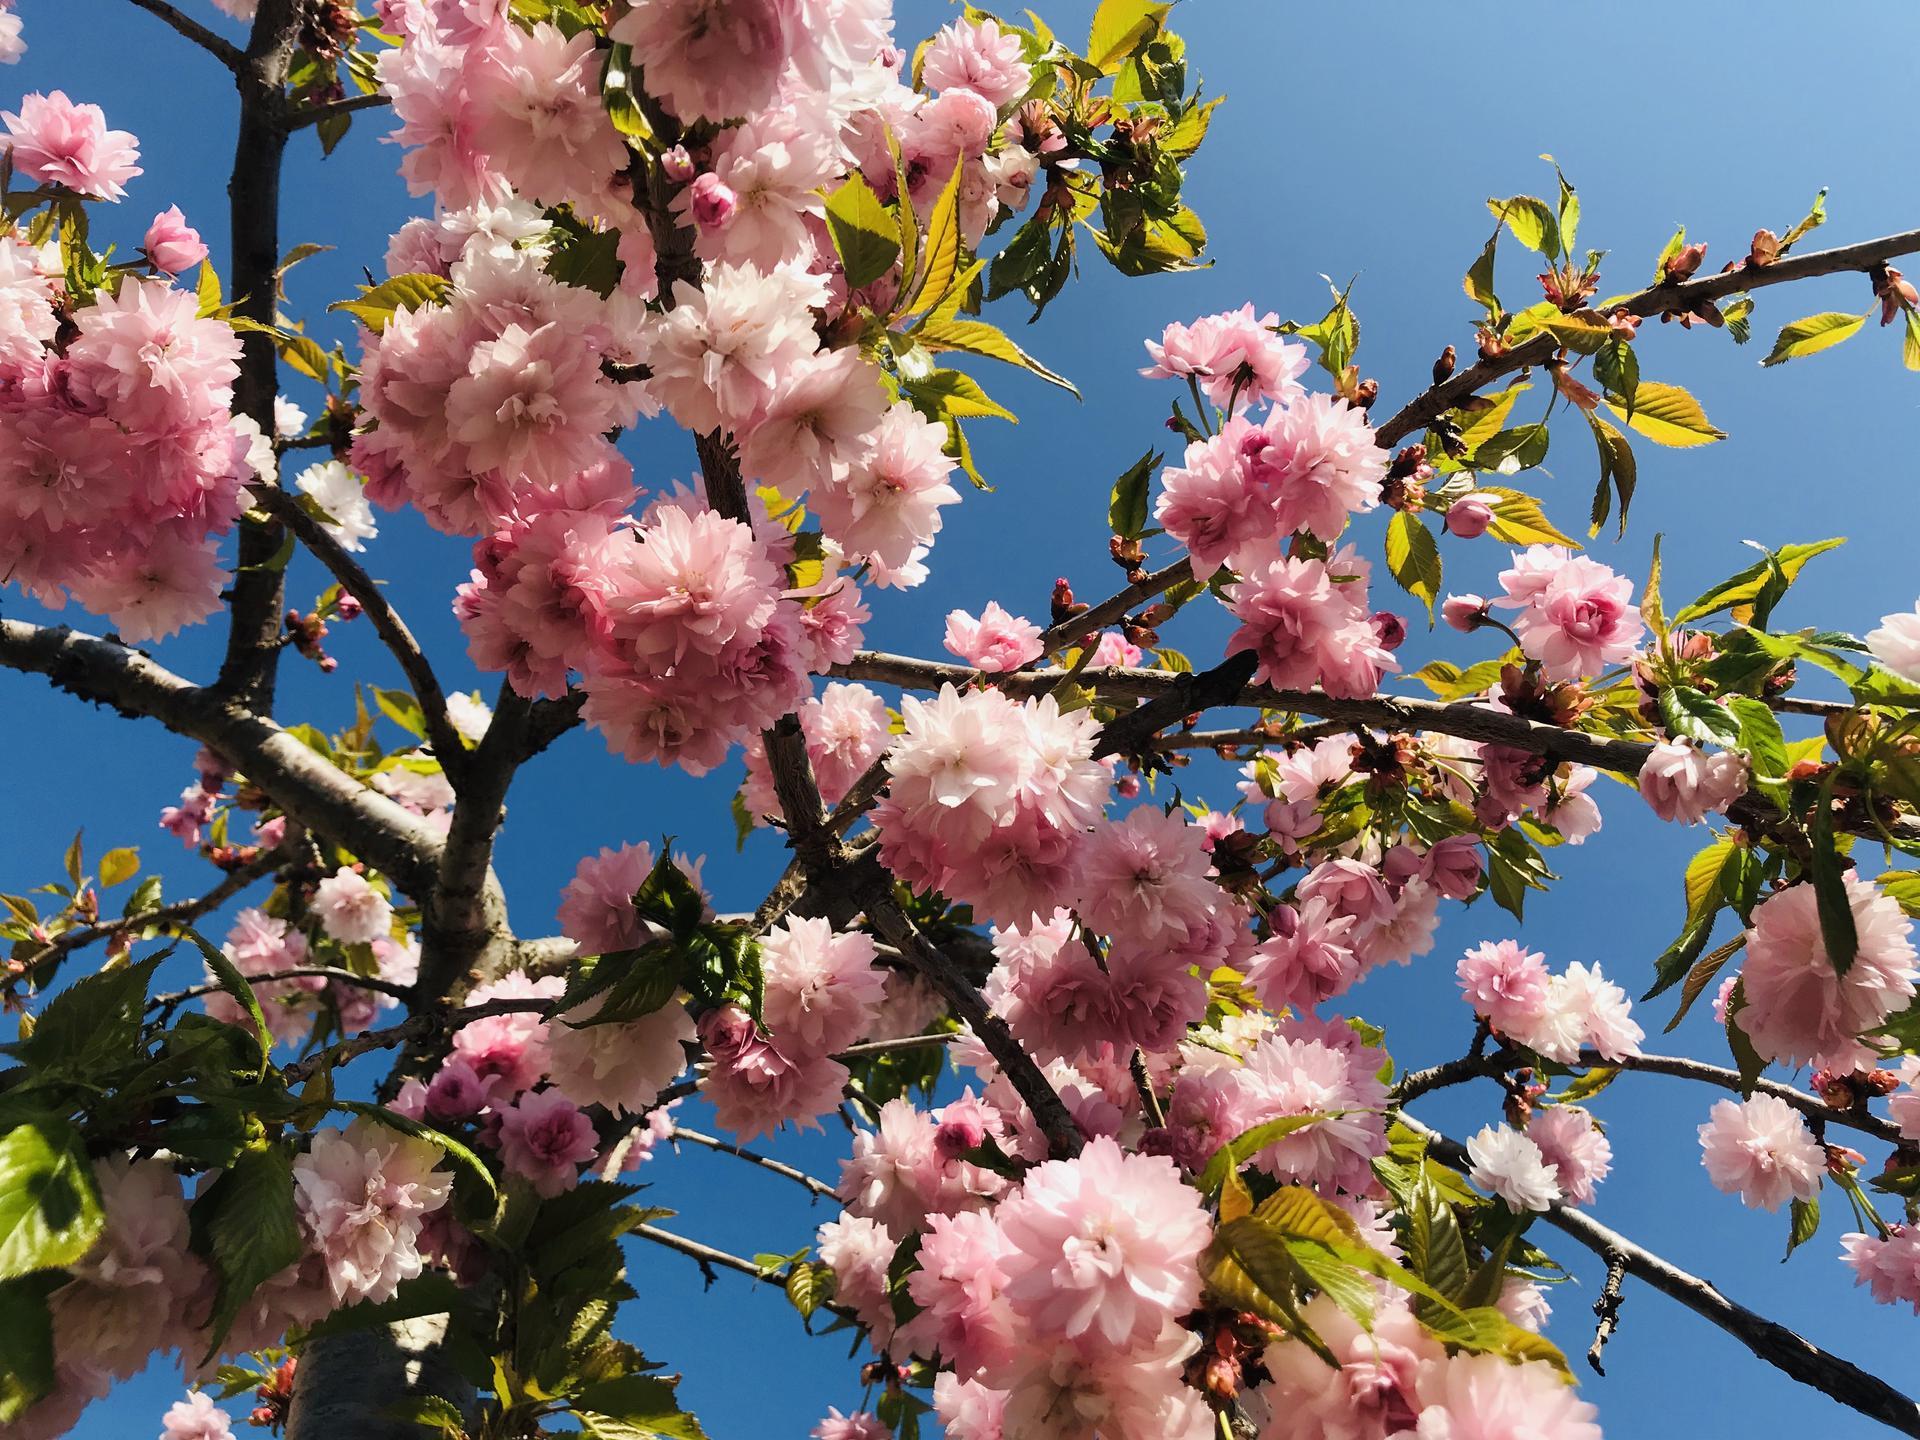 Naše barevná zahrada 🌸 rok 2020 - Prunus serrulata 'Kiku- Shidare zakura'